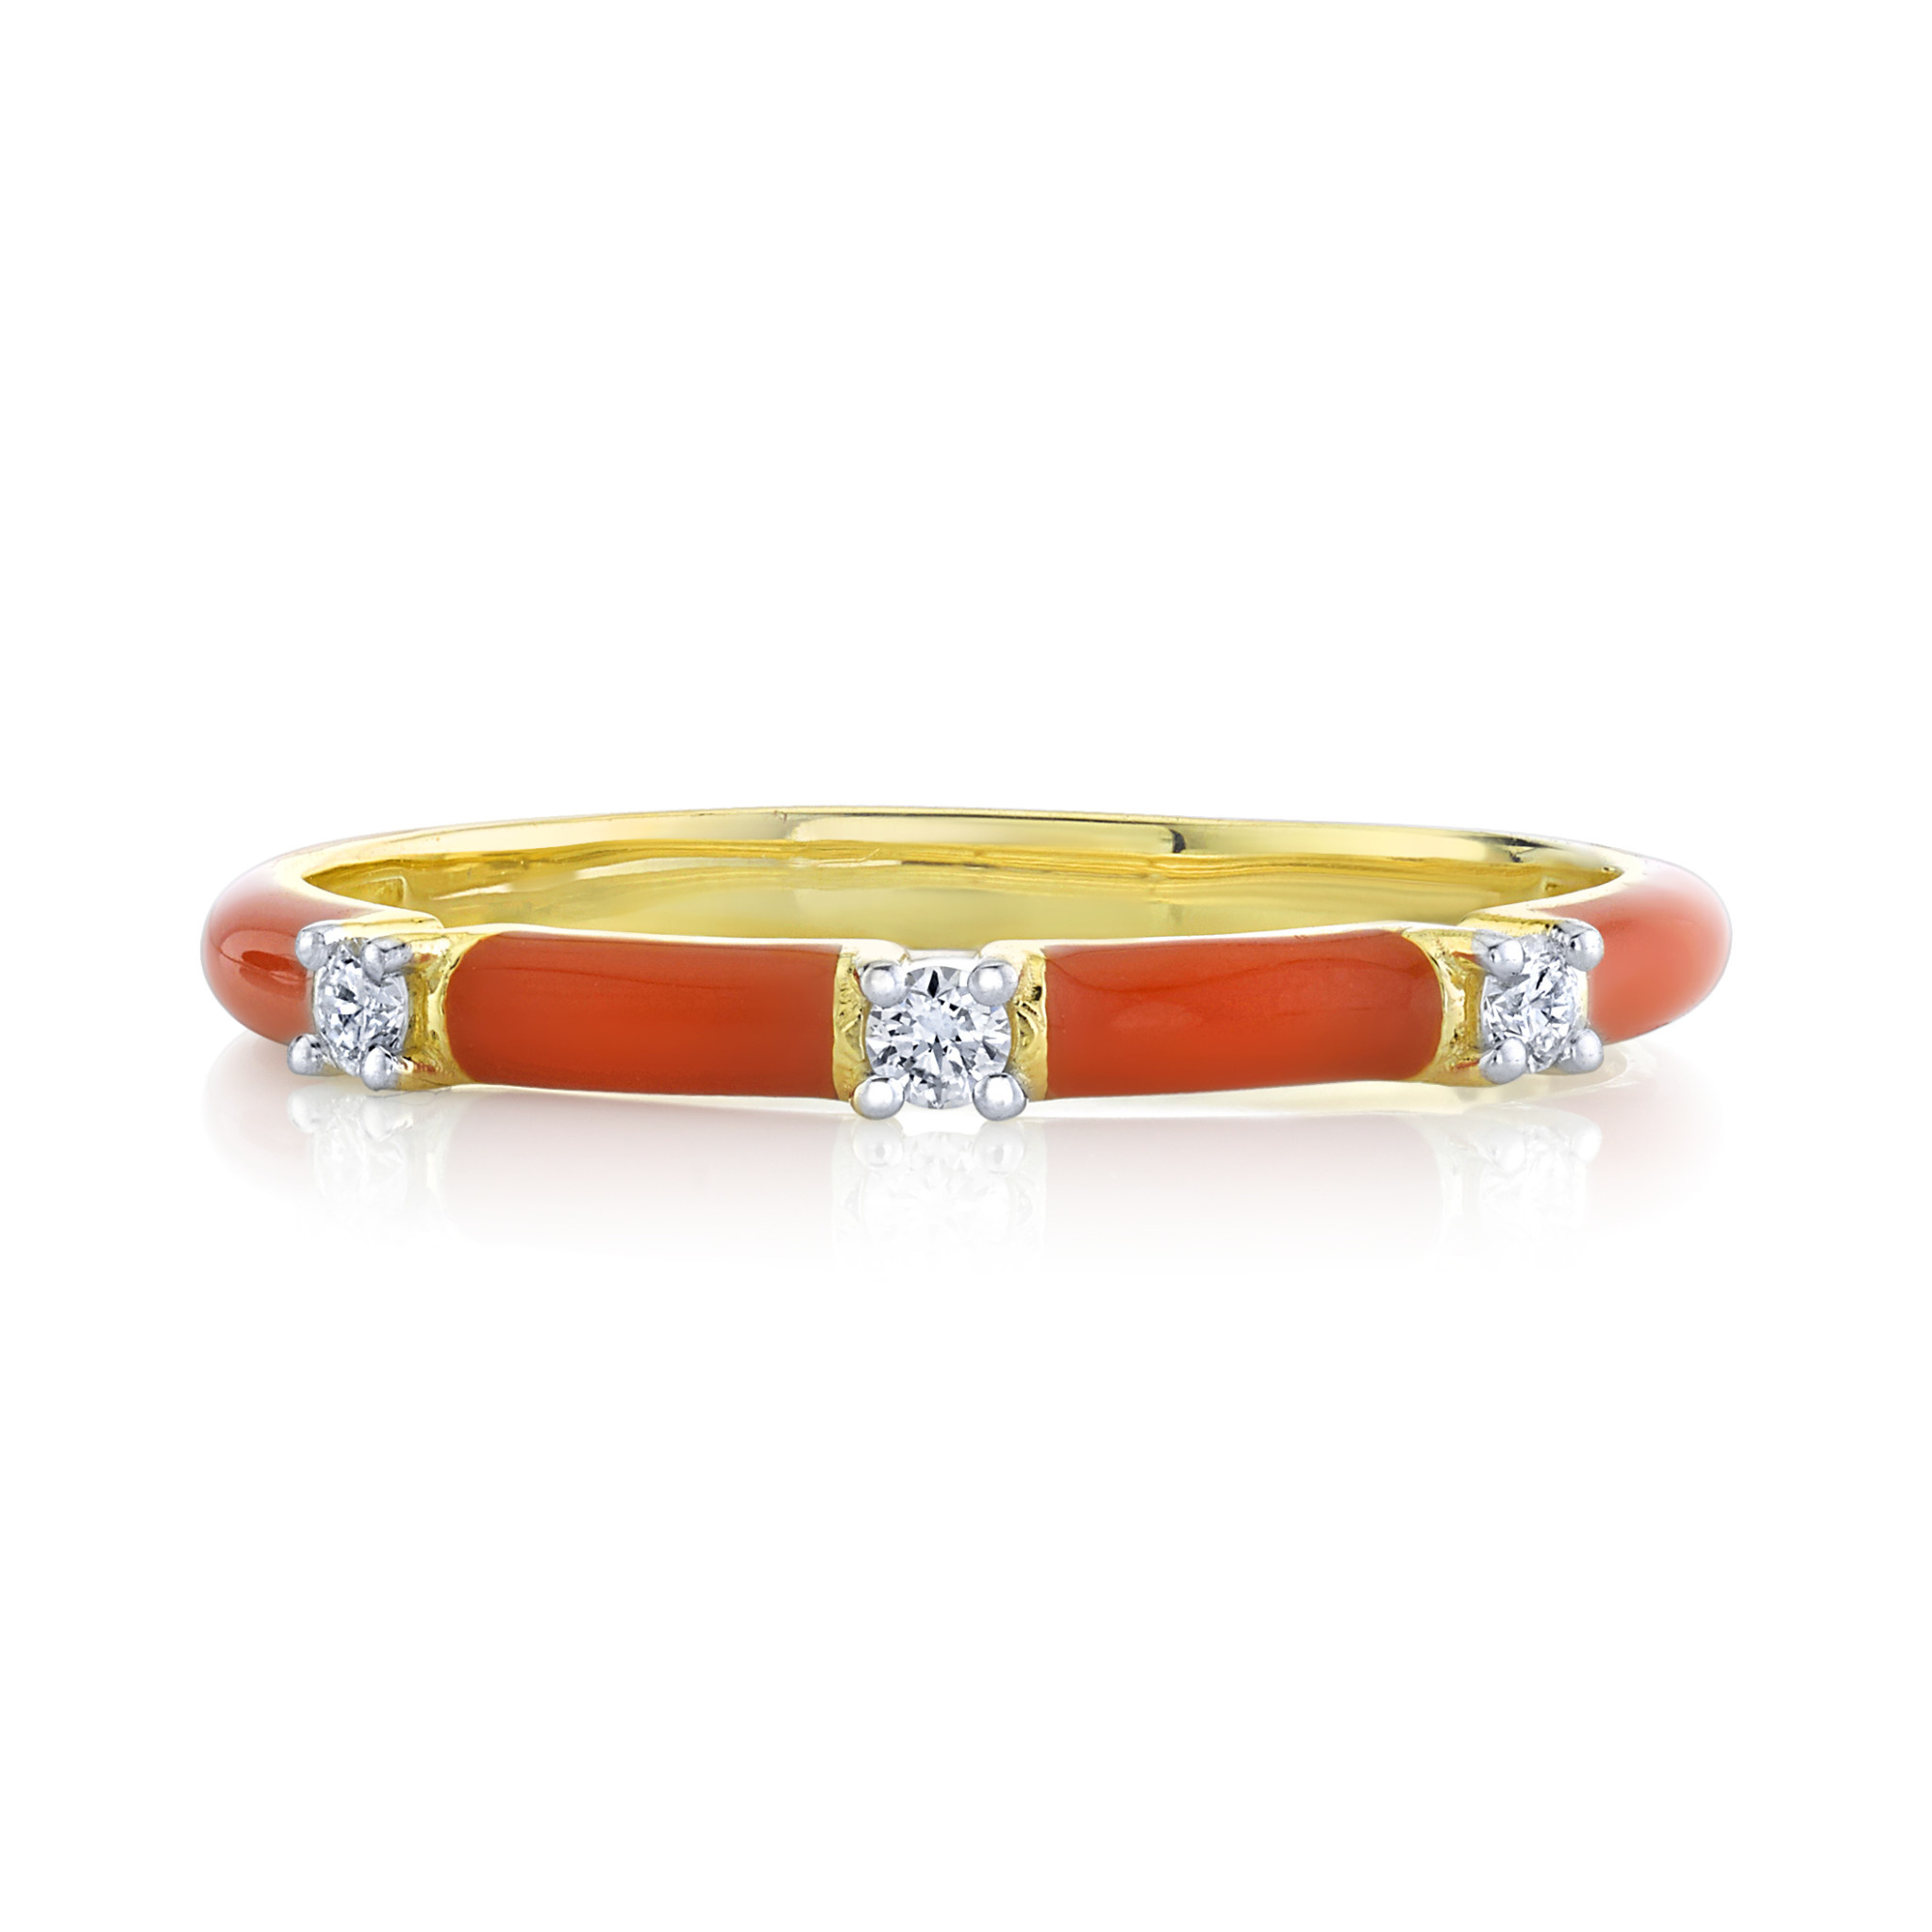 Orange Enamel Stackers Ring with White Diamond Details (7)